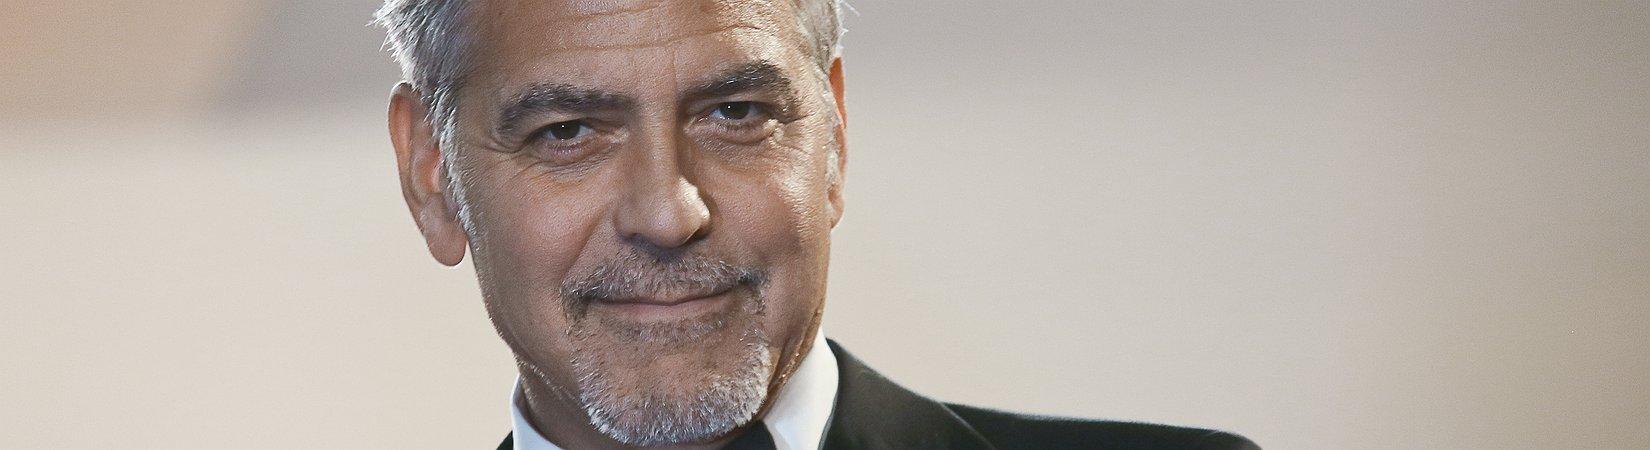 George Clooney vende su marca de tequila por mil millones $